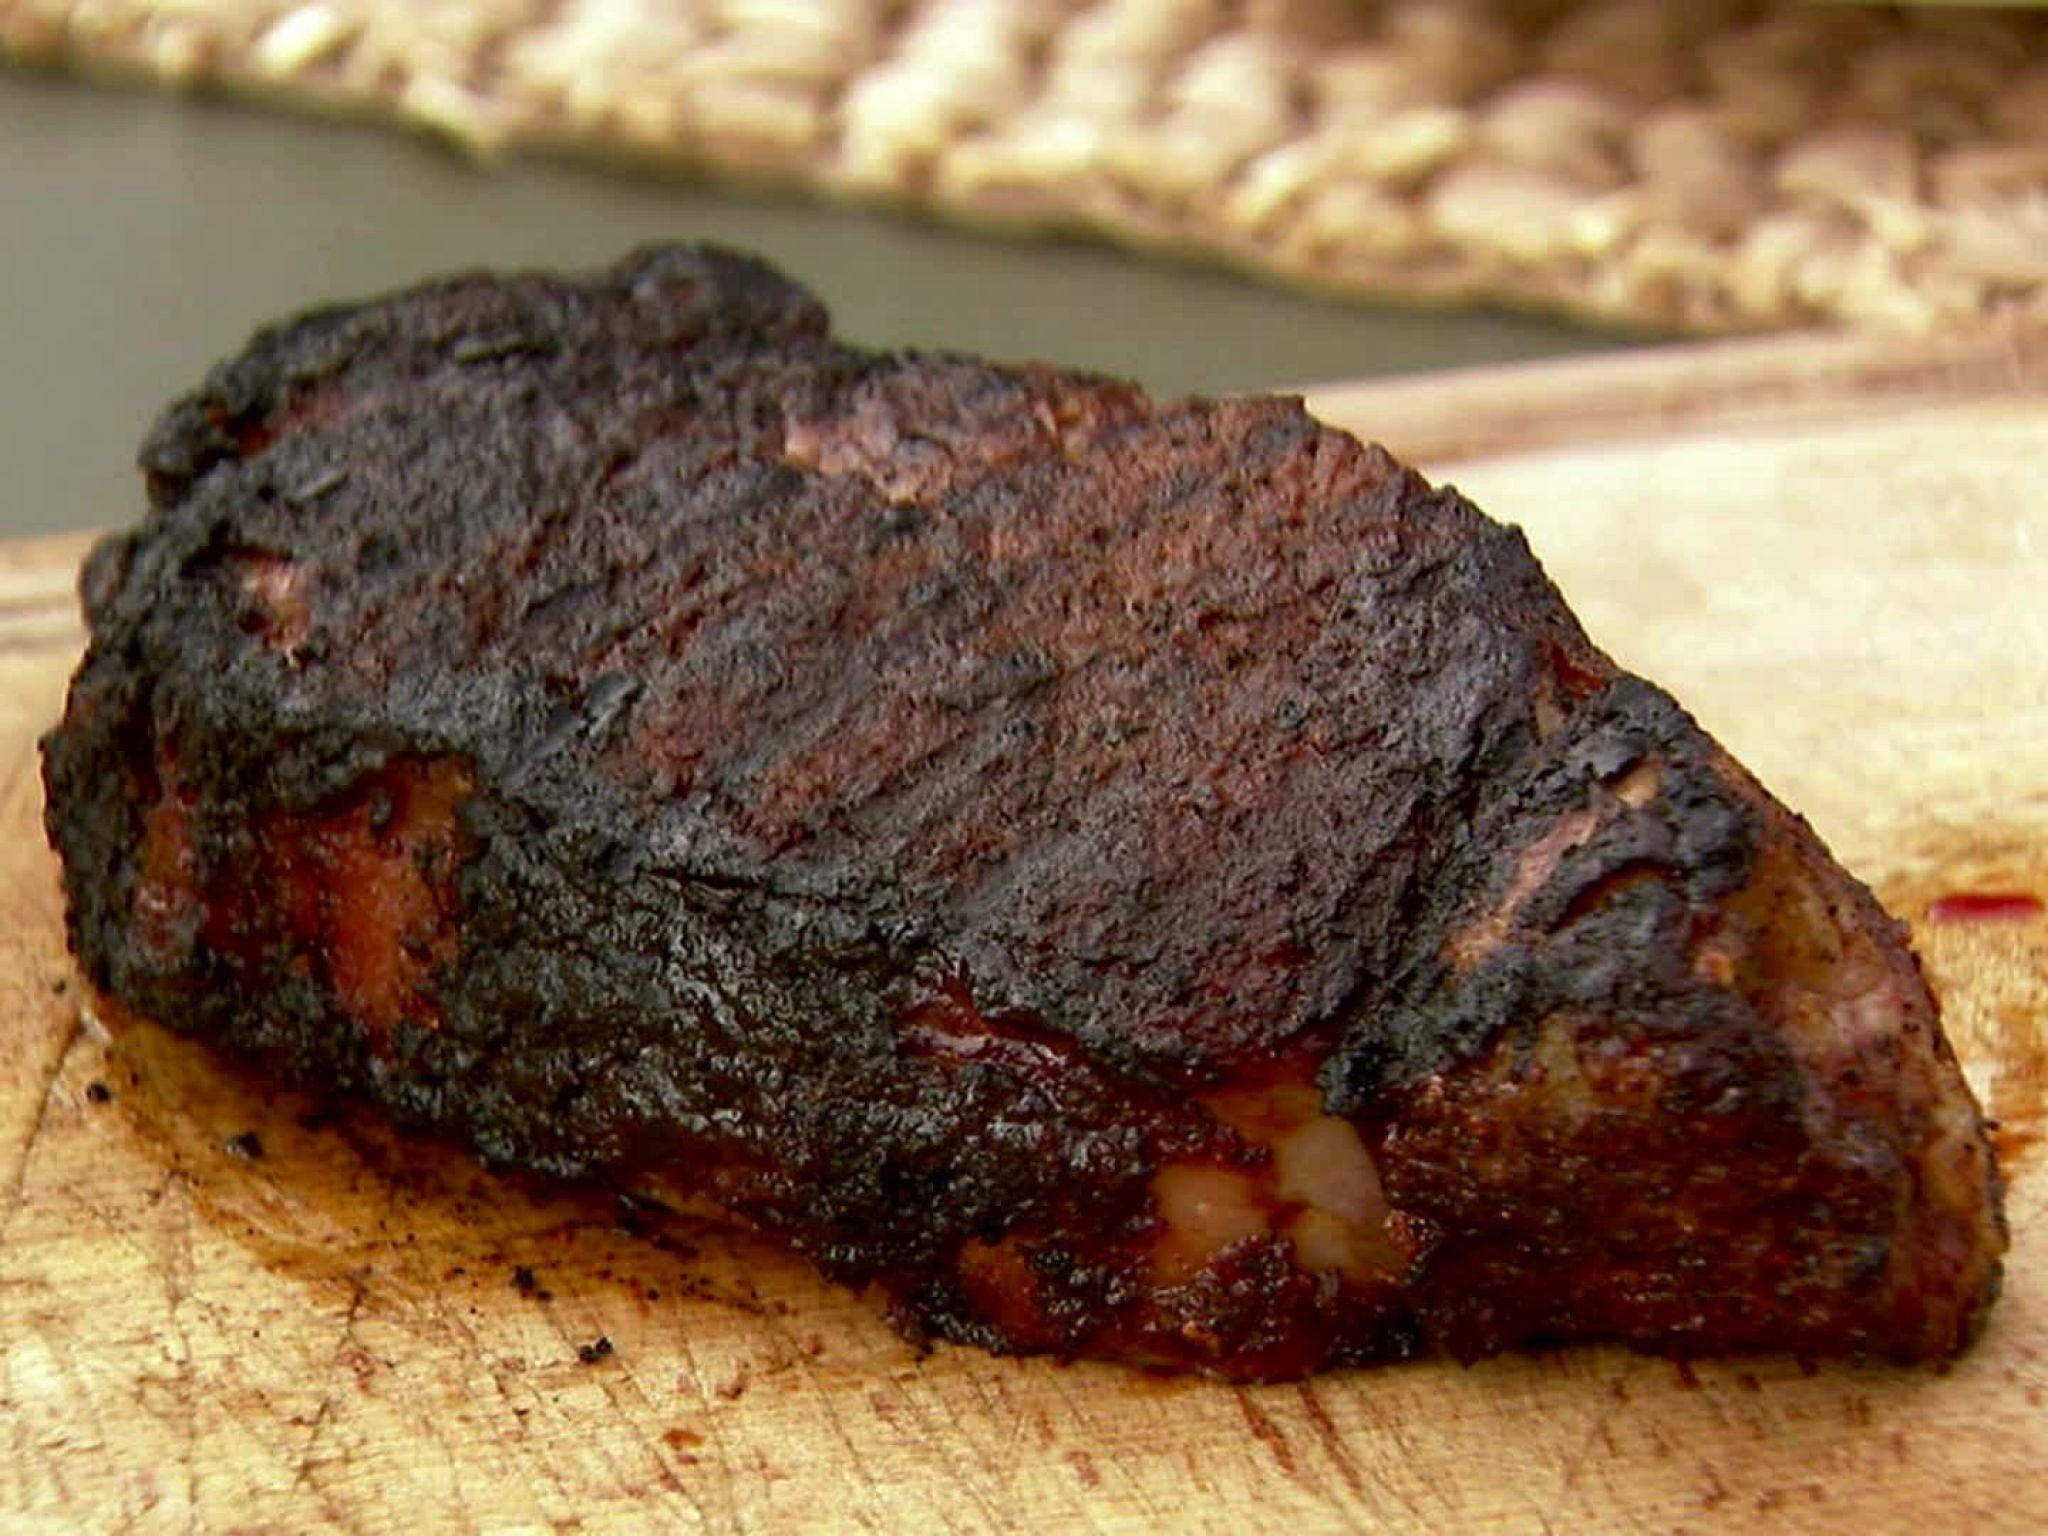 New York Strip Steak with Spicy Coffee Rub Recipe